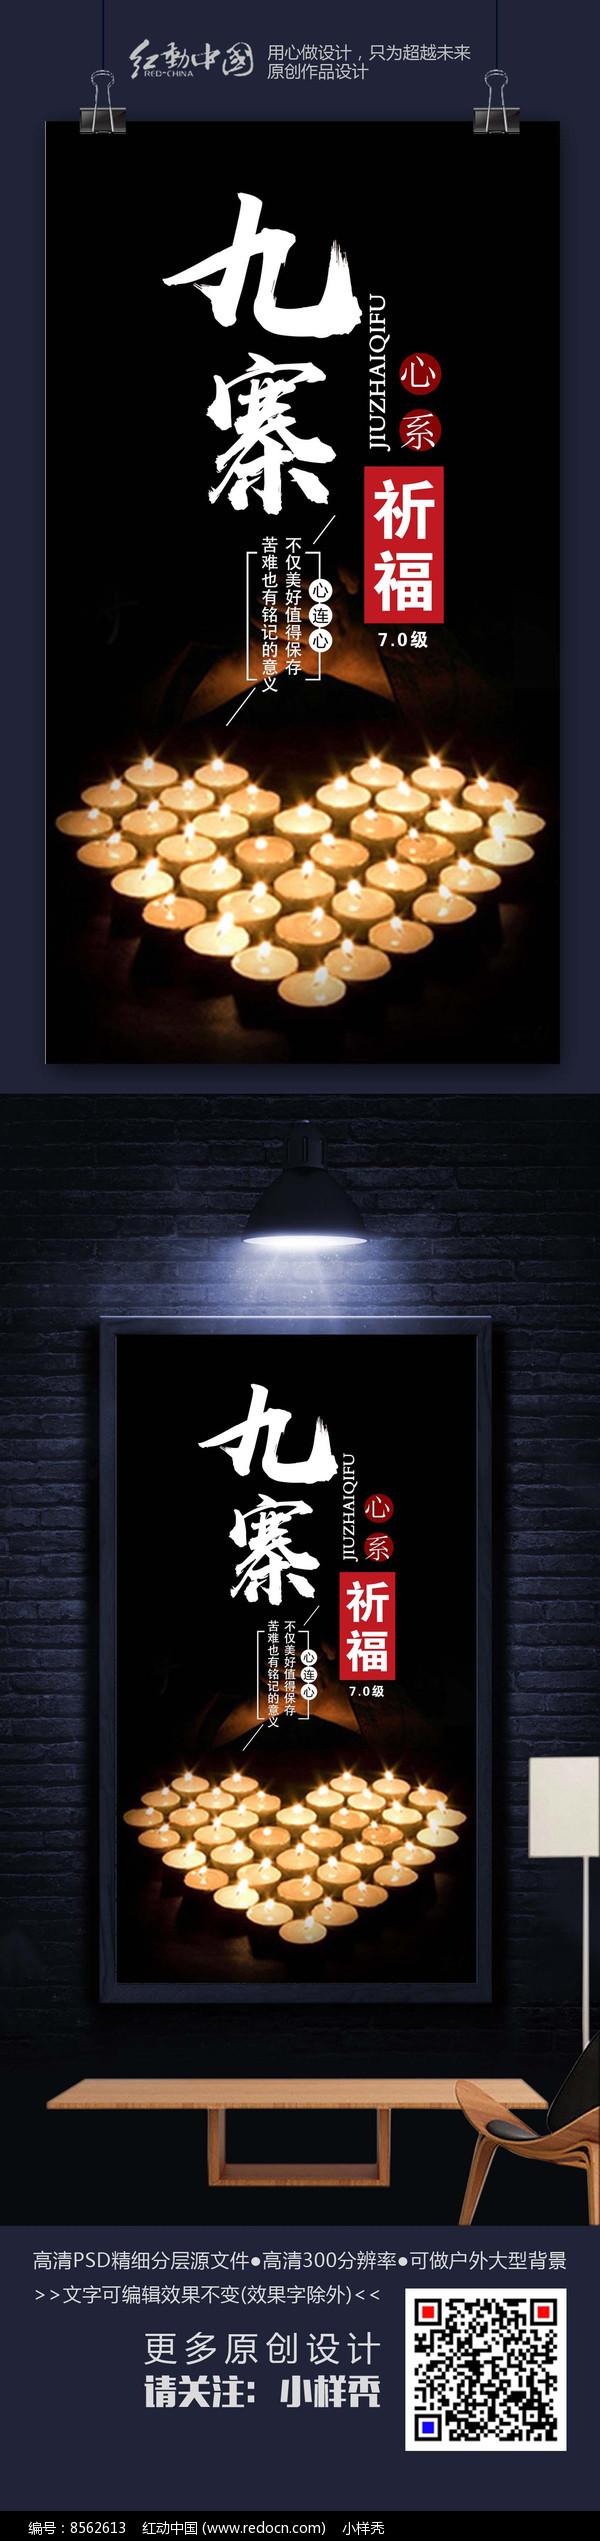 九寨沟祈福抗震救灾海报图片